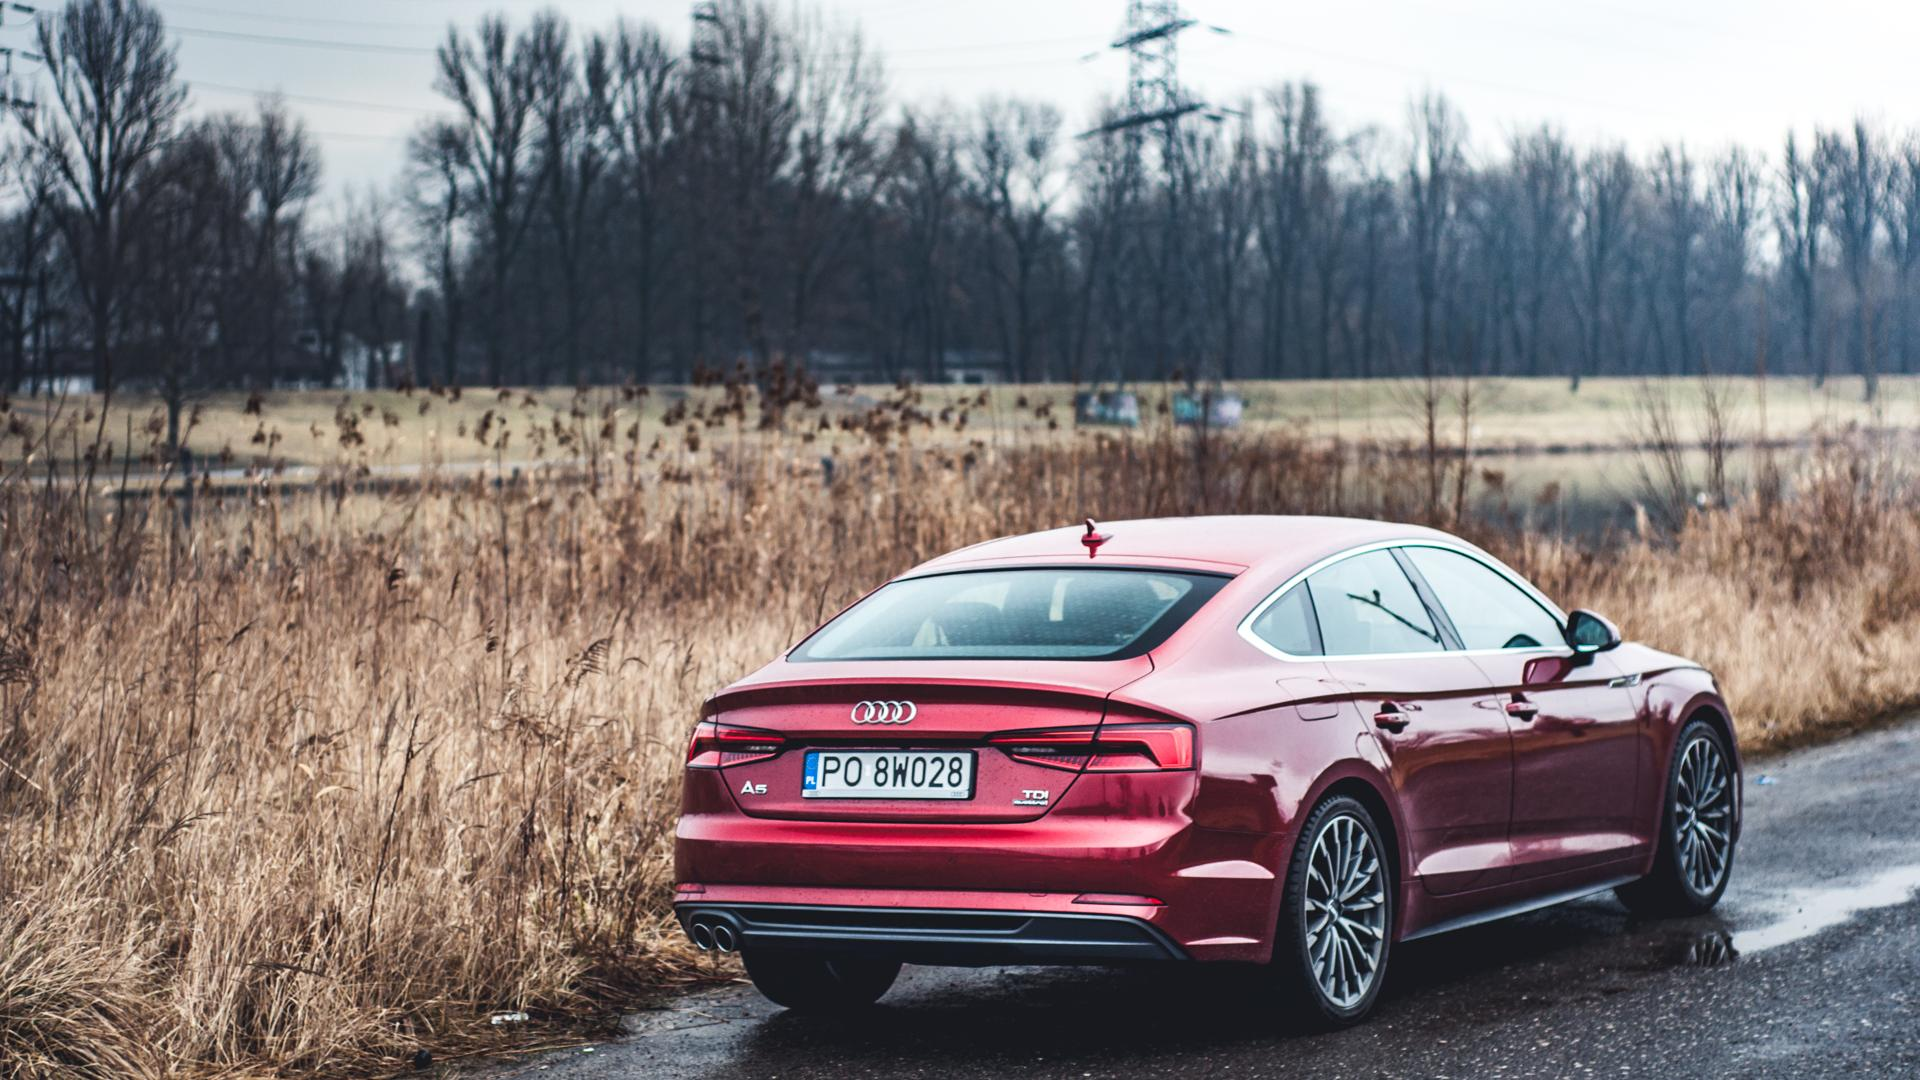 Fantastyczny Audi A5 Sportback 2.0 TDI 190 KM - ostrożne zmiany • AutoCentrum.pl DC86